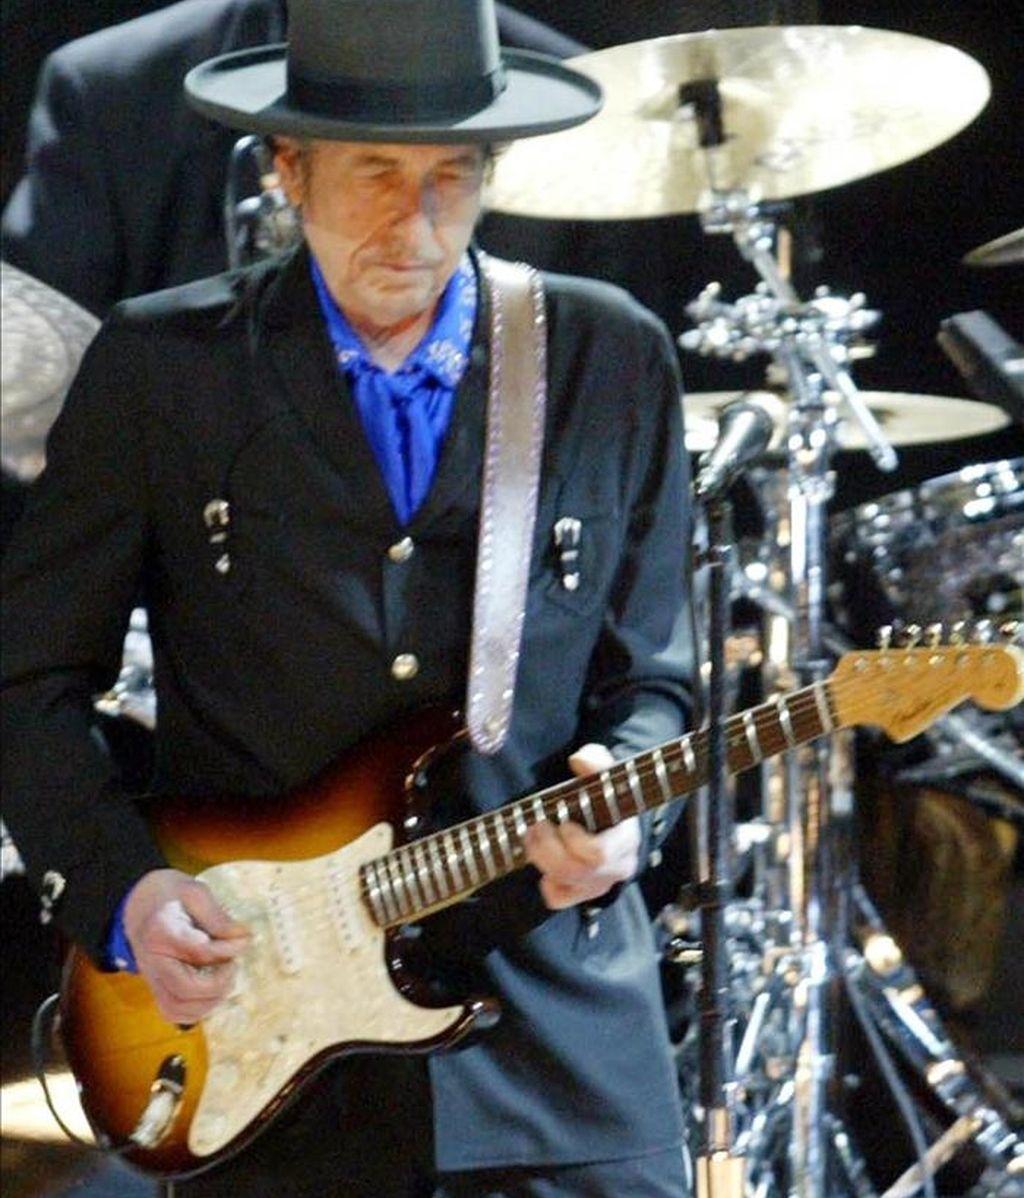 El músico estadounidense Bob Dylan durante un concierto 13 de marzo de 2008, en el estadio Orfeo de la ciudad de Córdoba (Argentina). EFE/Archivo